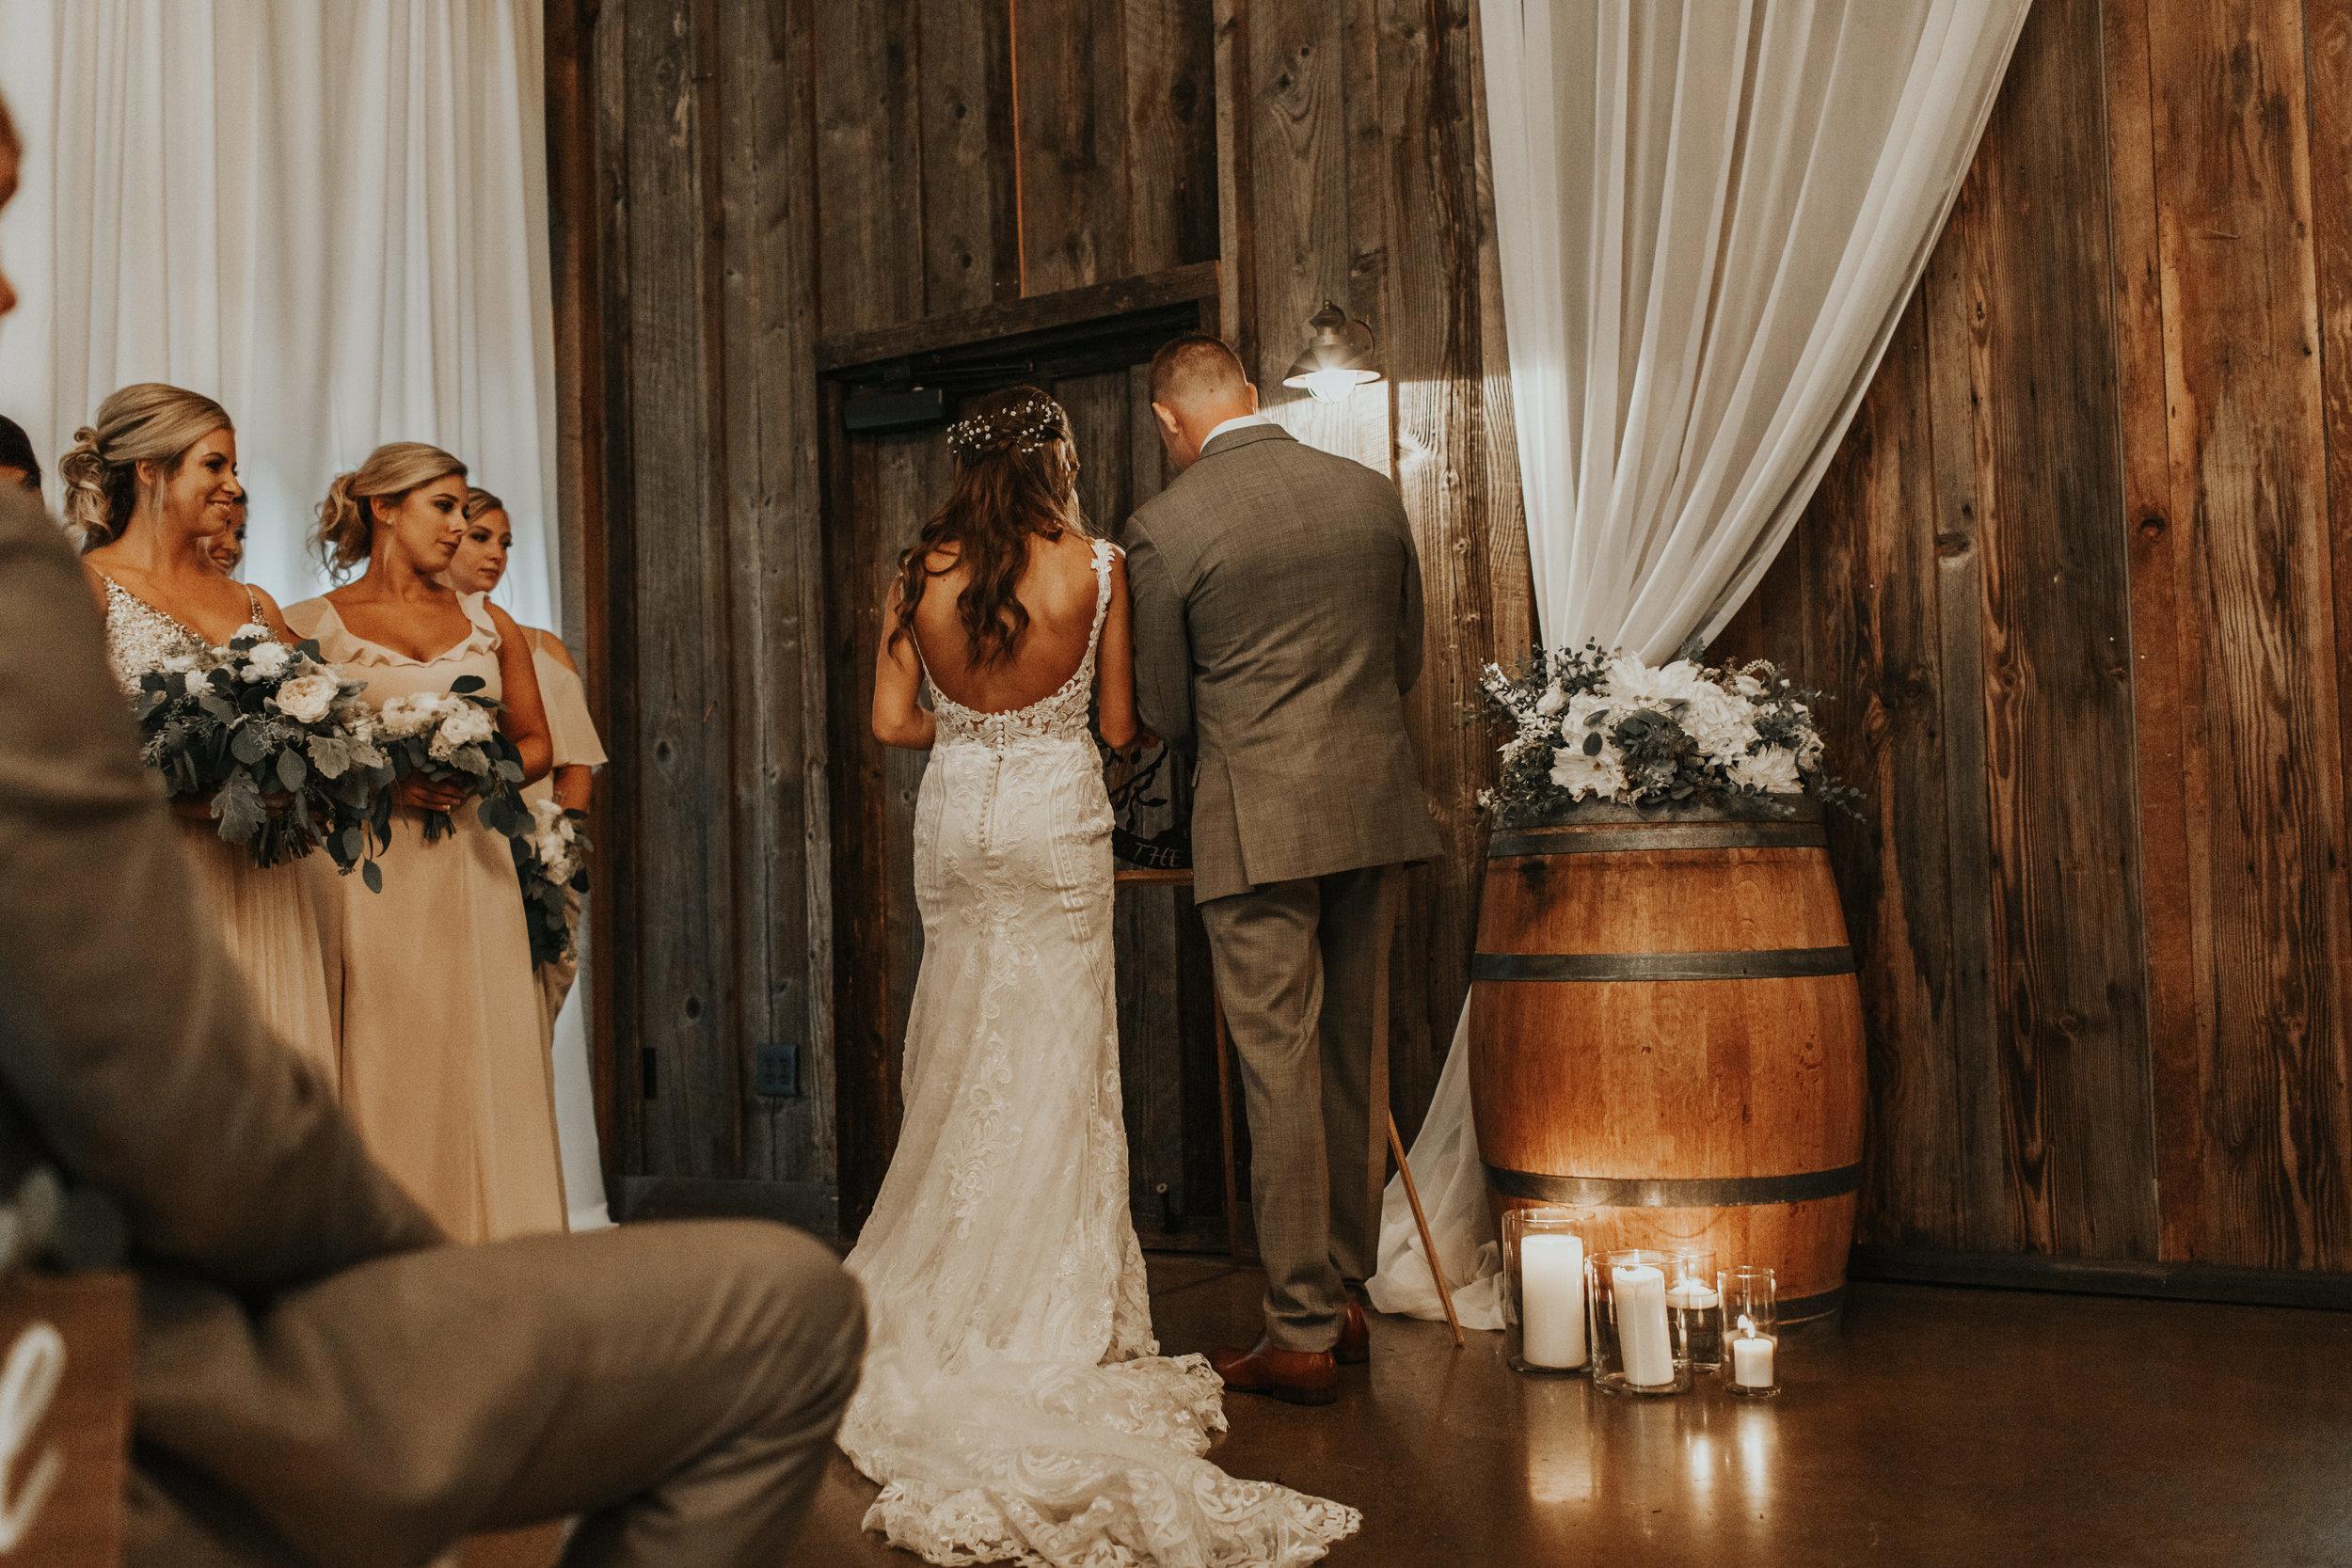 ginapaulson_katjohn_wedding-689.jpg